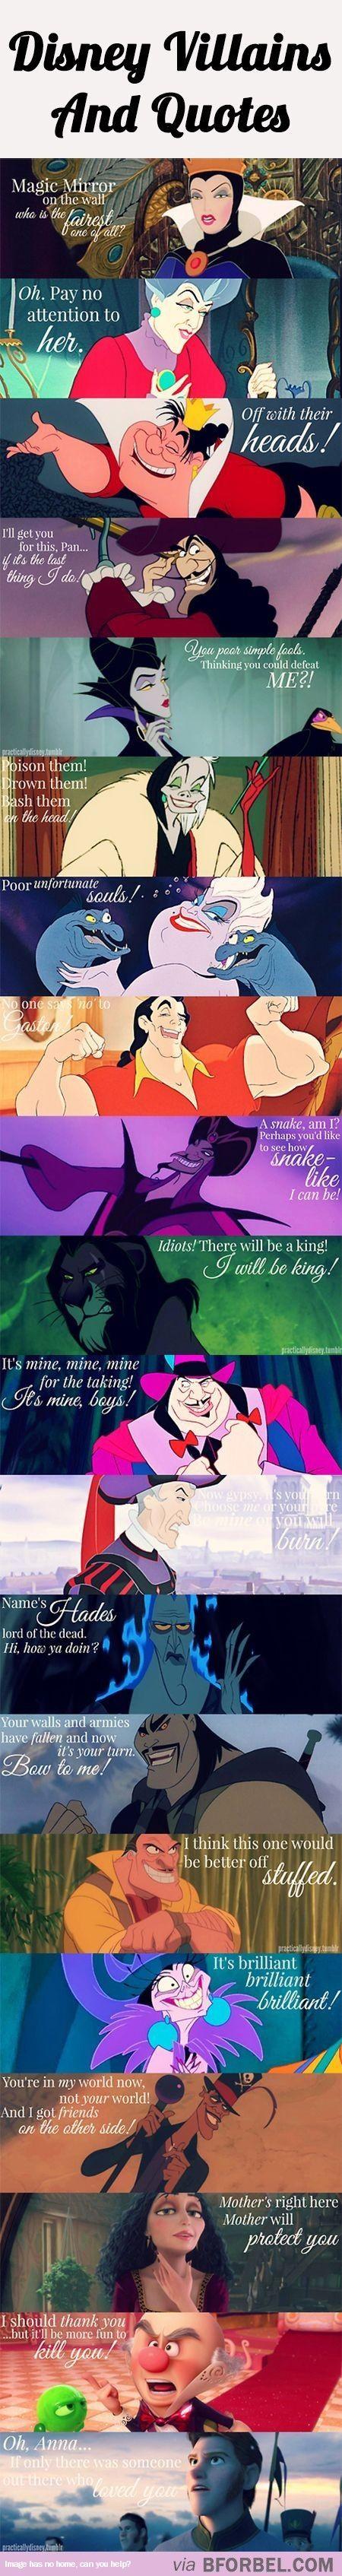 15 besten Disney Villains Bilder auf Pinterest | Disney magie ...